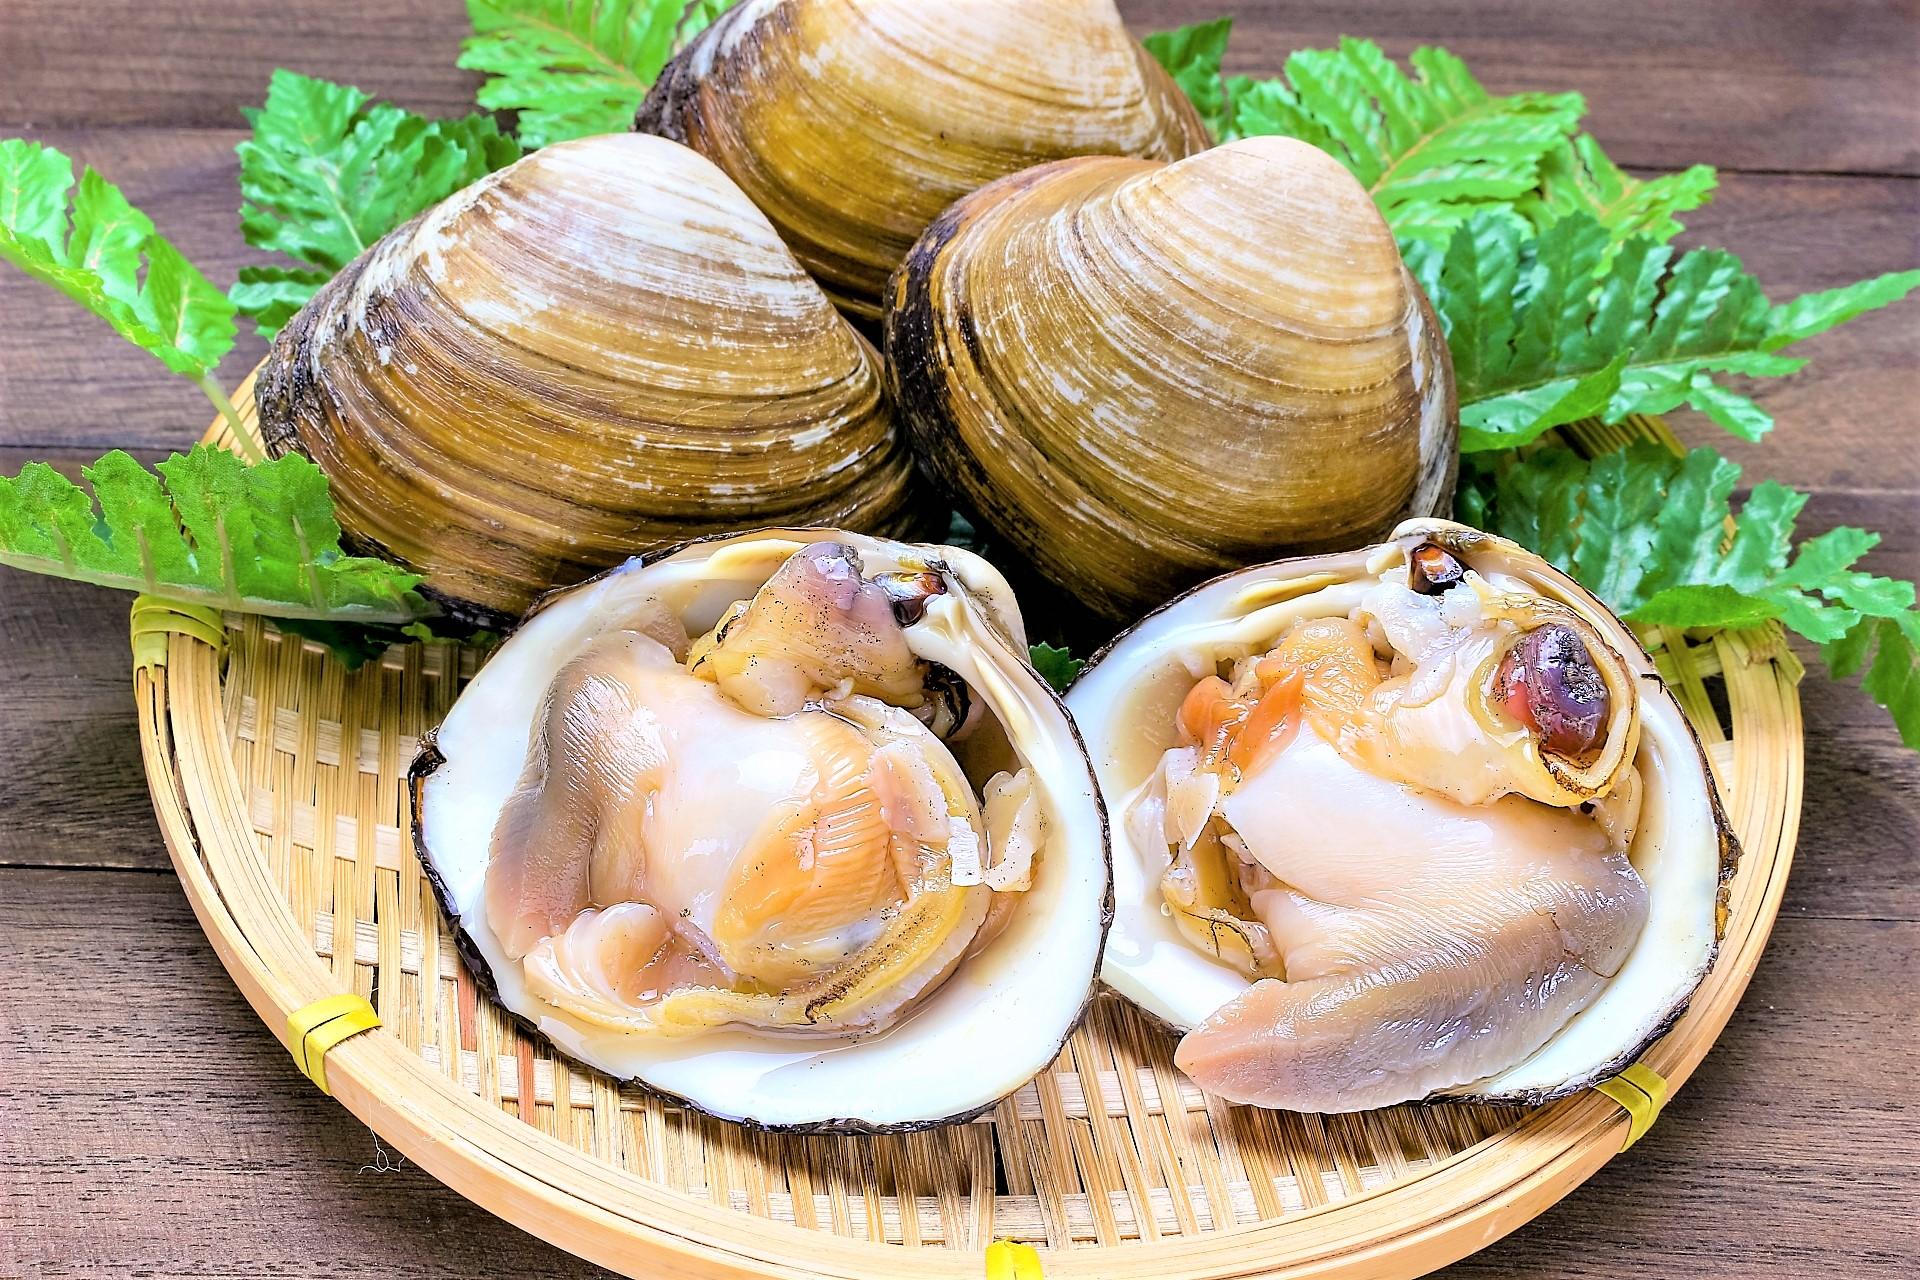 北寄貝は食べられるまでに数年かかる